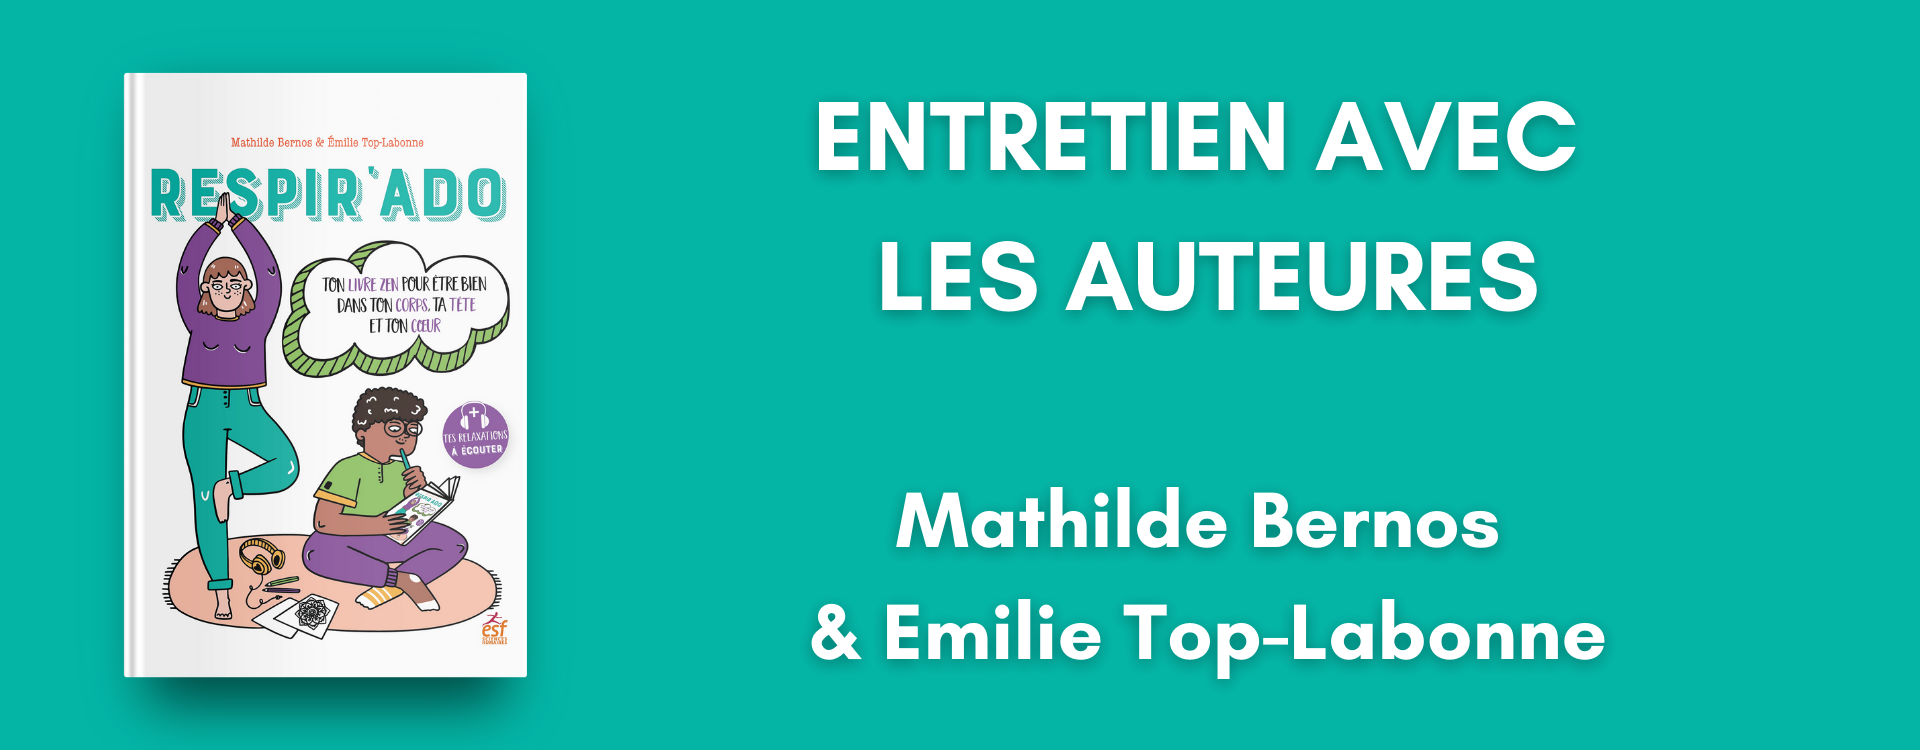 Respirado, ton livre zen pour être bien dans ton corps, ta tête et ton cœur : entretien avec Mathilde Bernos et Emilie Top-Labonne